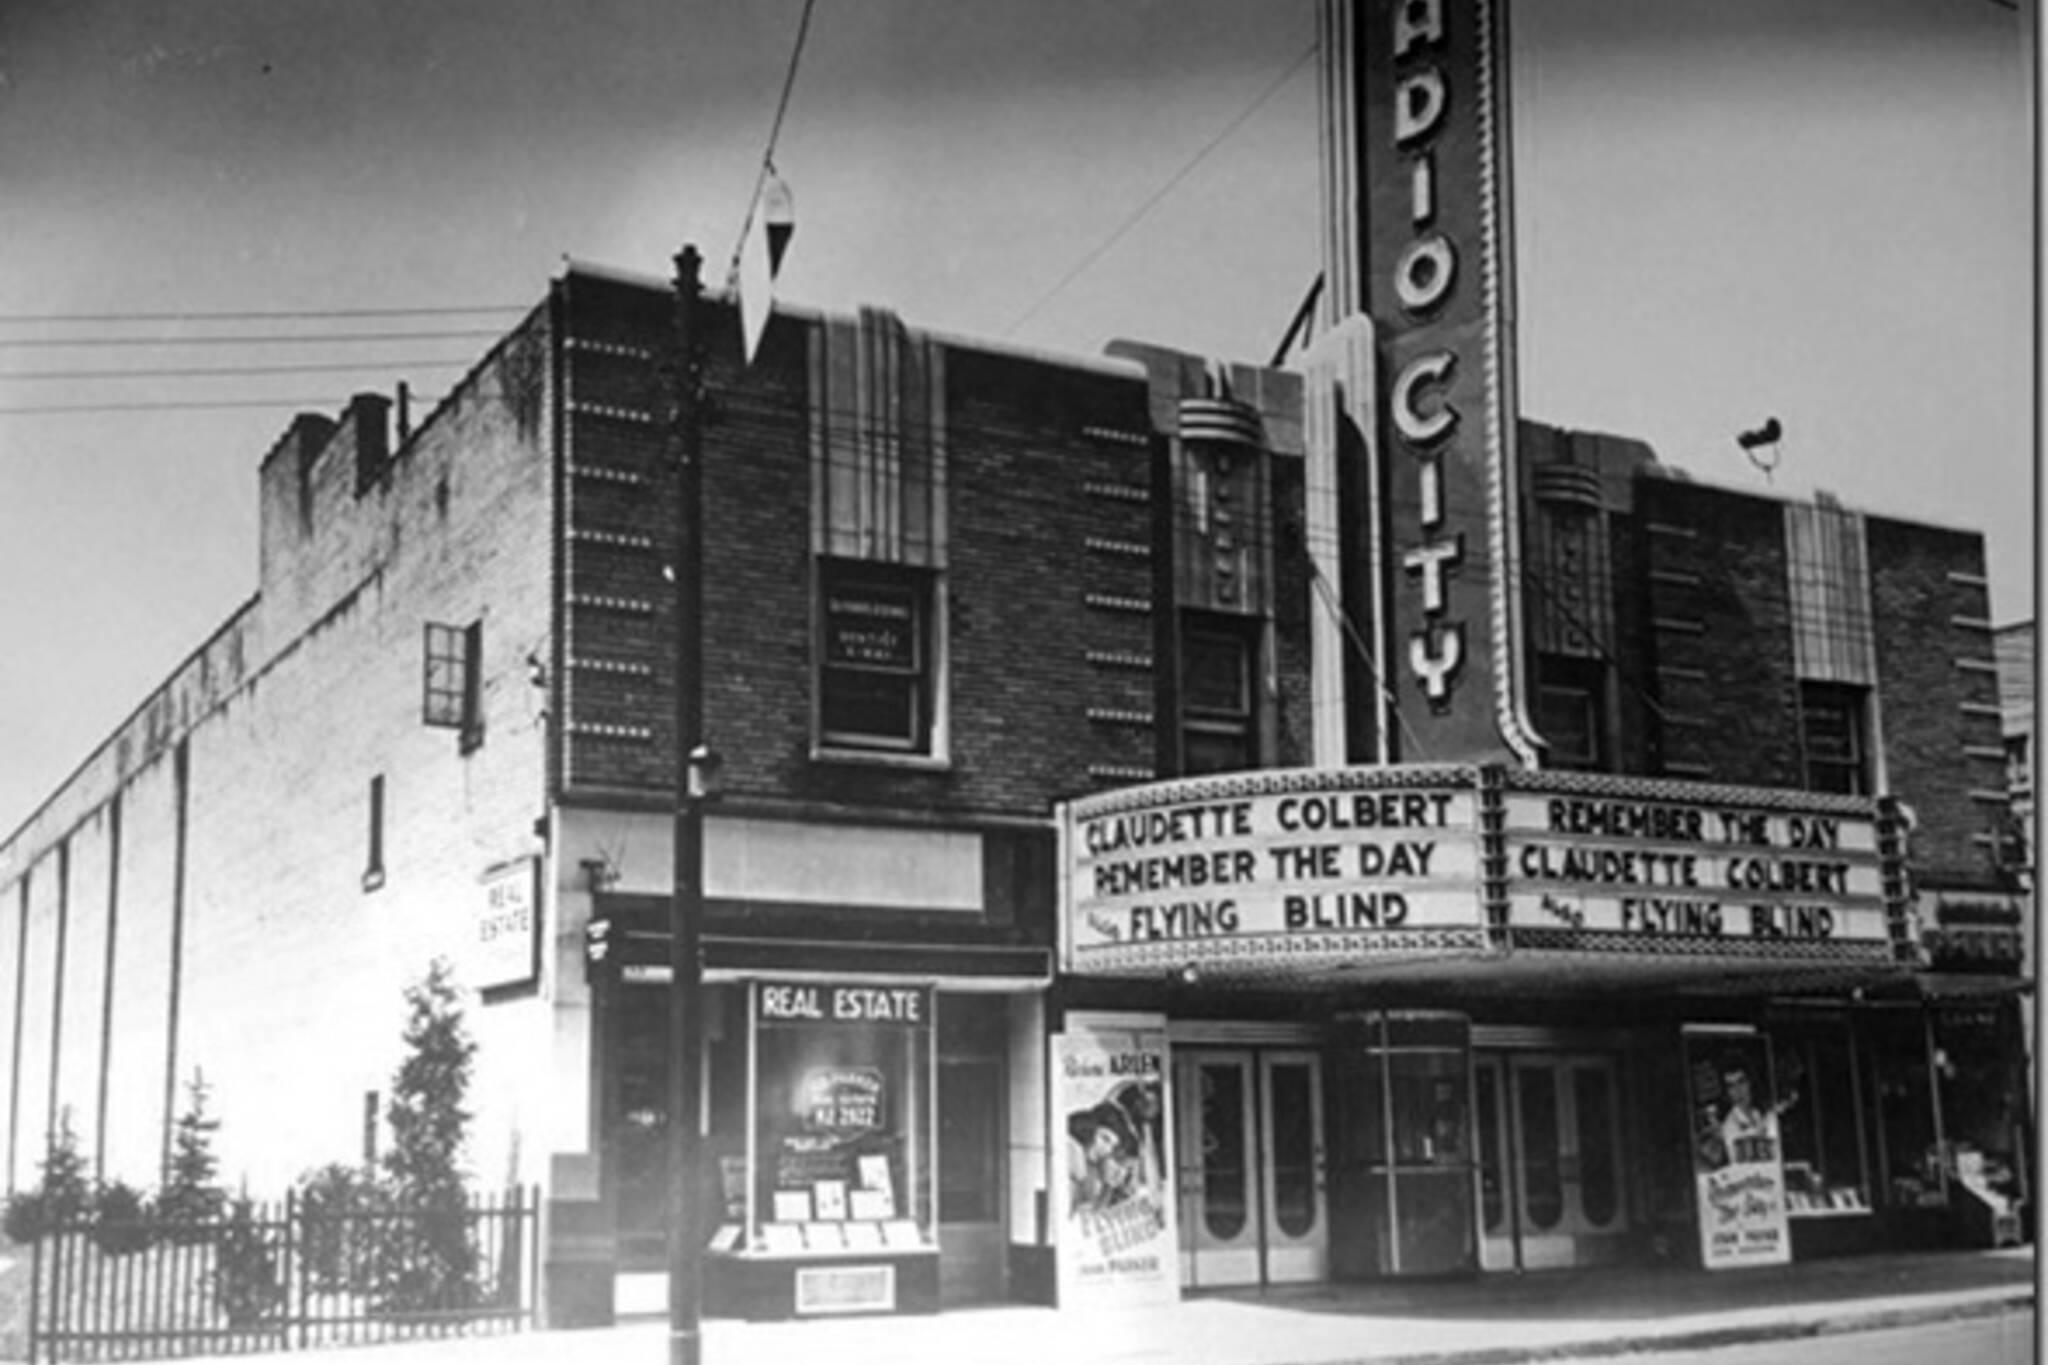 St. Clair West movie theatre